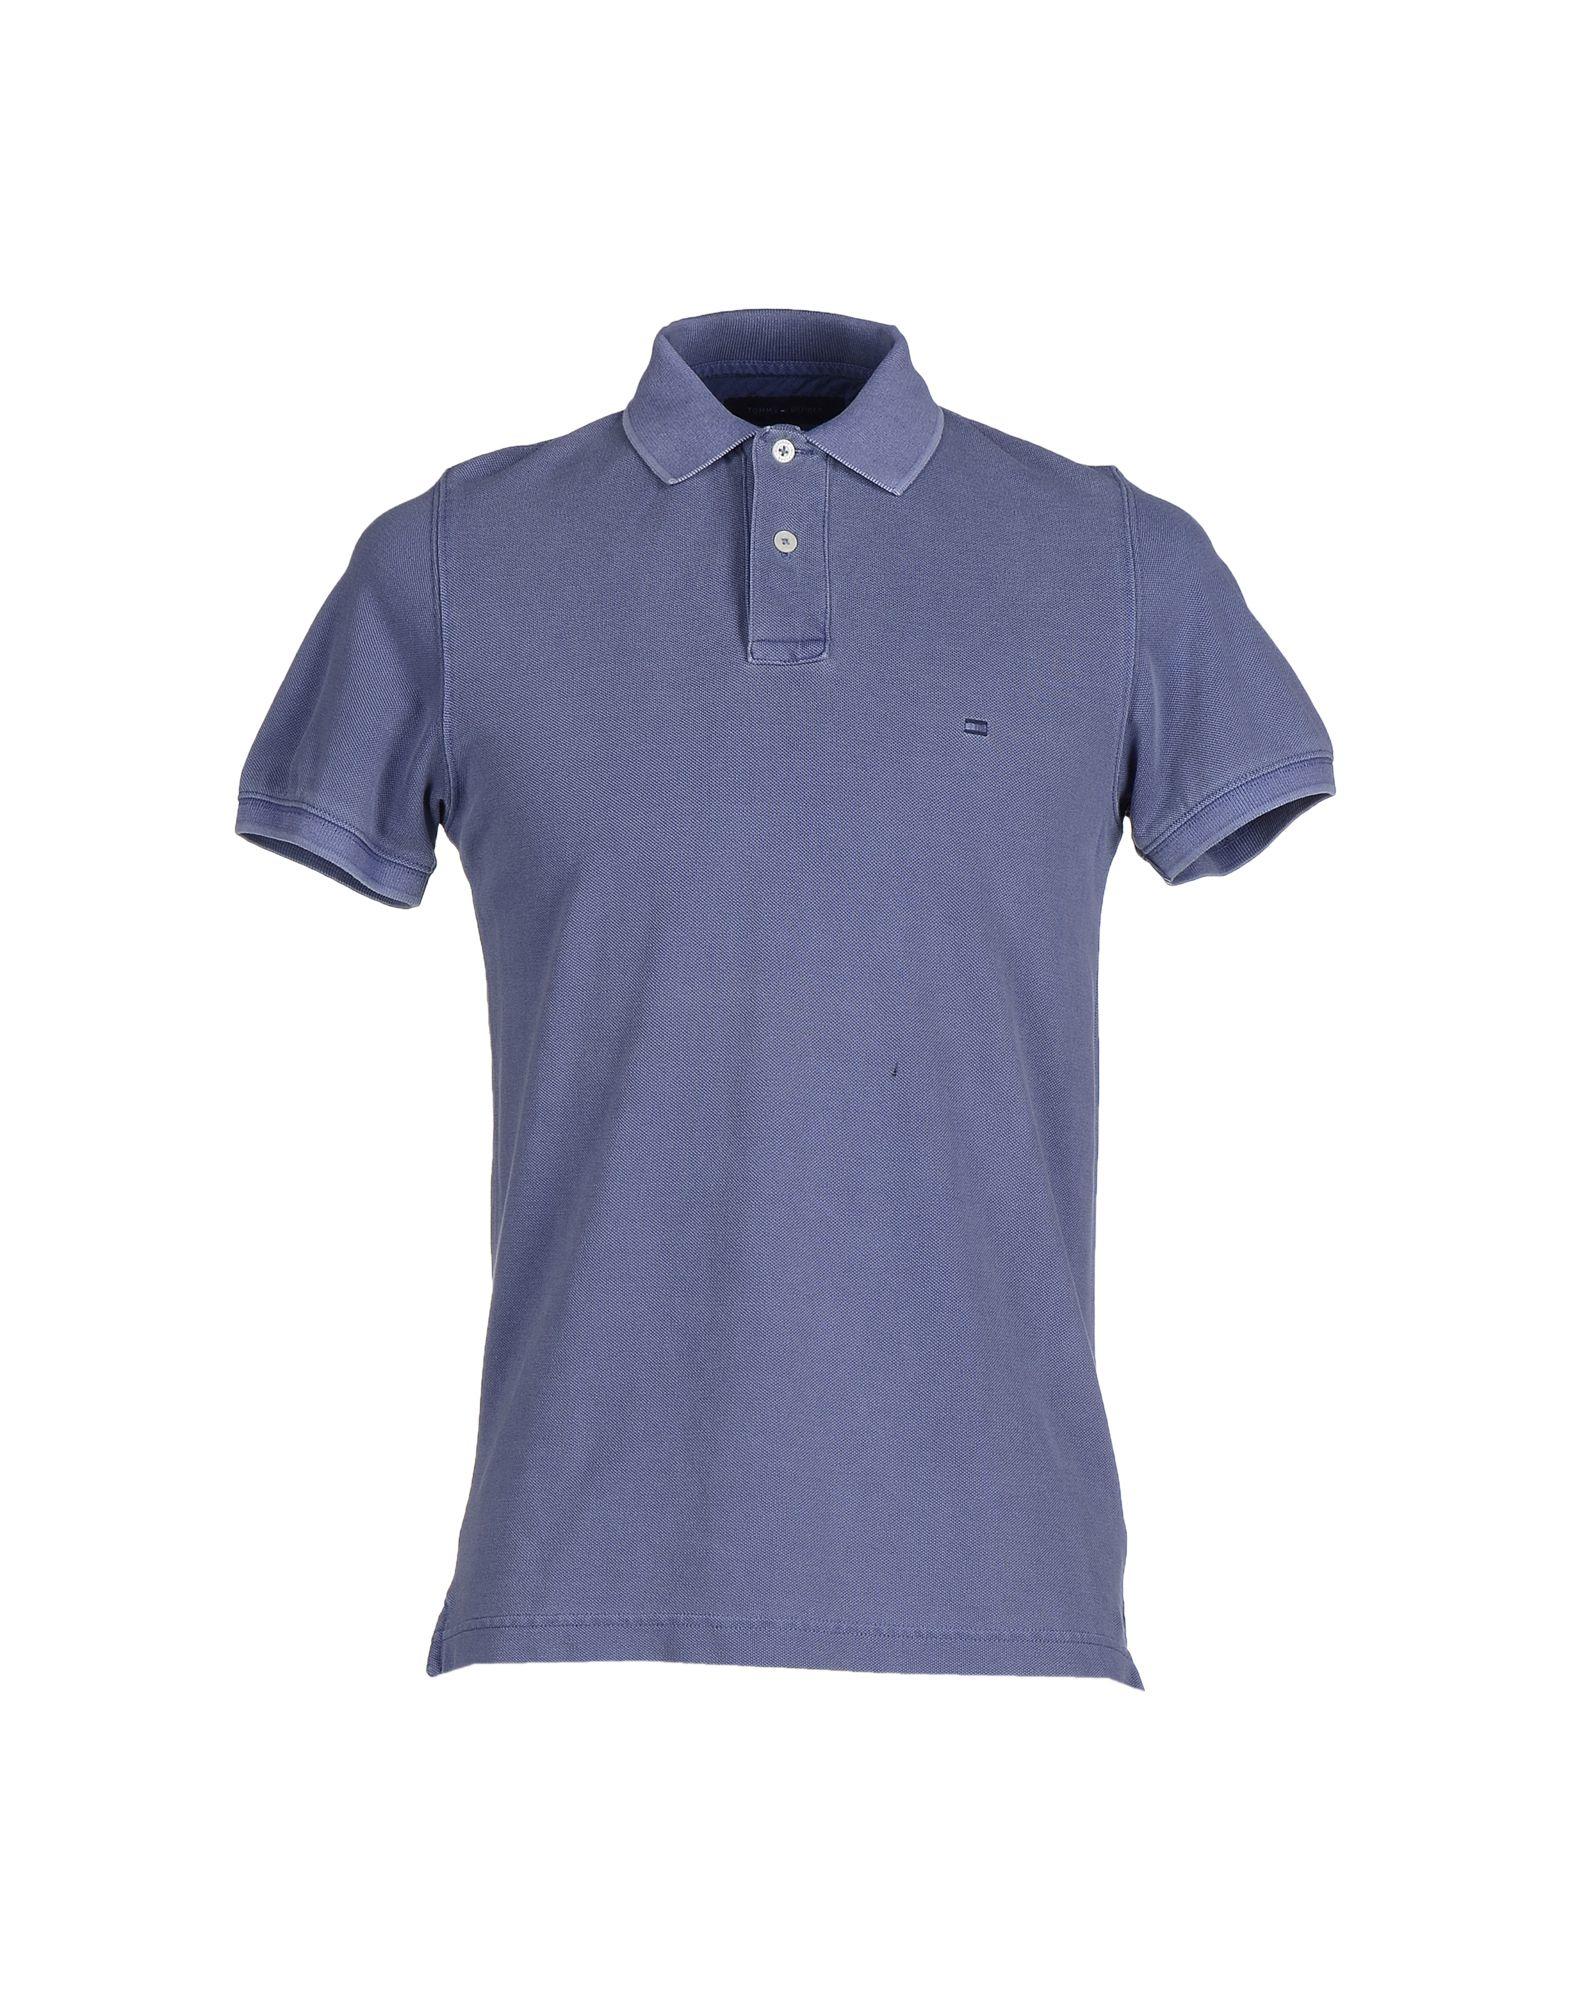 tommy hilfiger t shirt in blue for men lyst. Black Bedroom Furniture Sets. Home Design Ideas